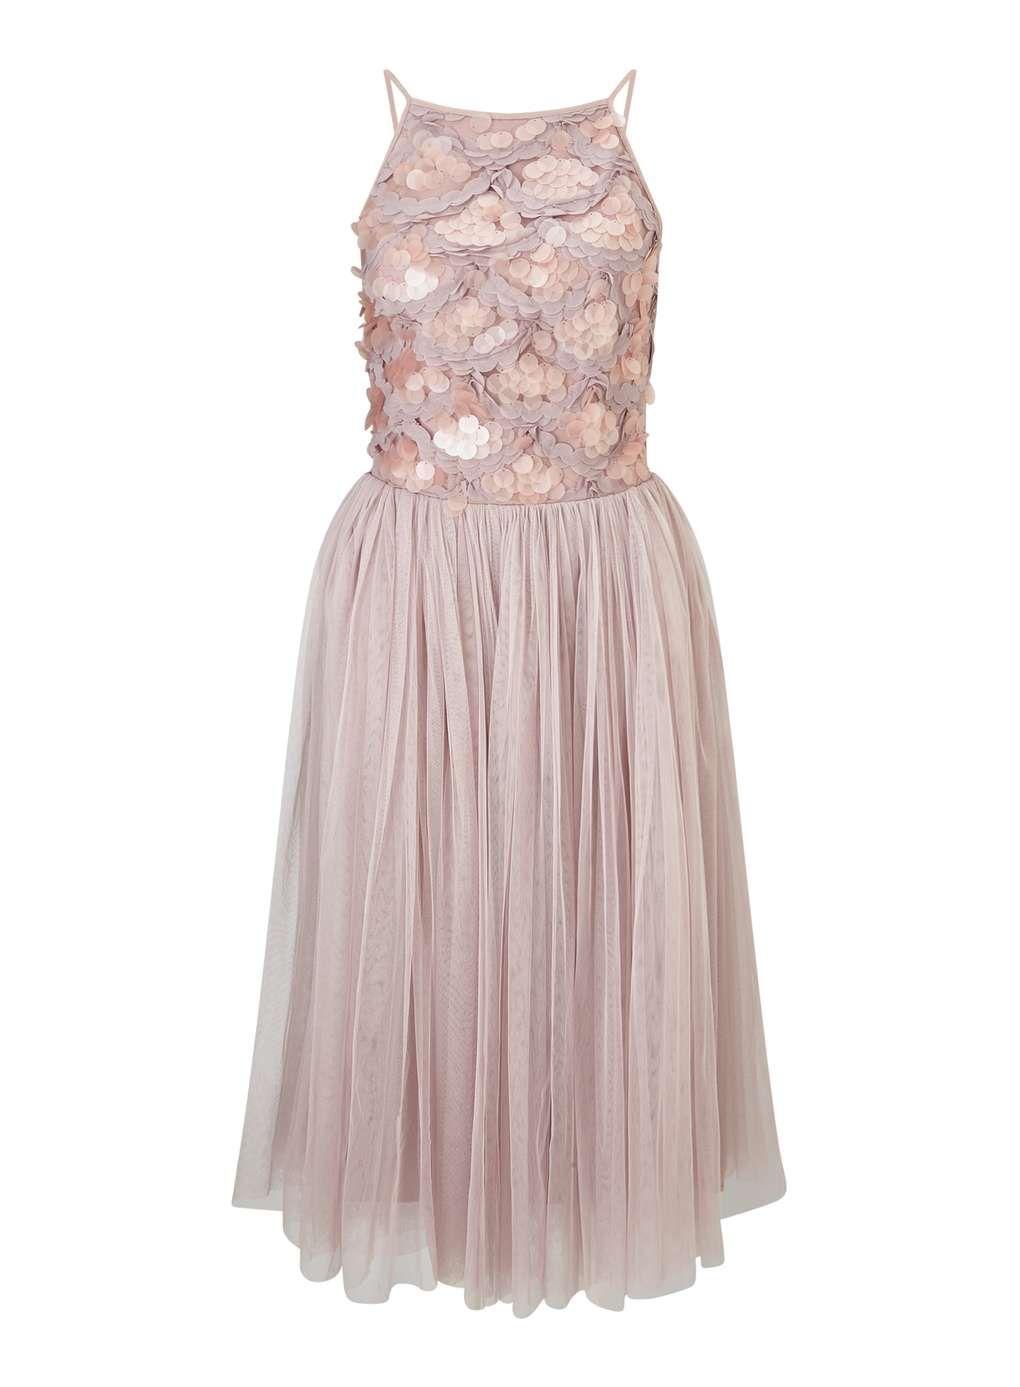 bfe0f6b15388 Sequin Mesh Midi Dress   Wear   Pinterest